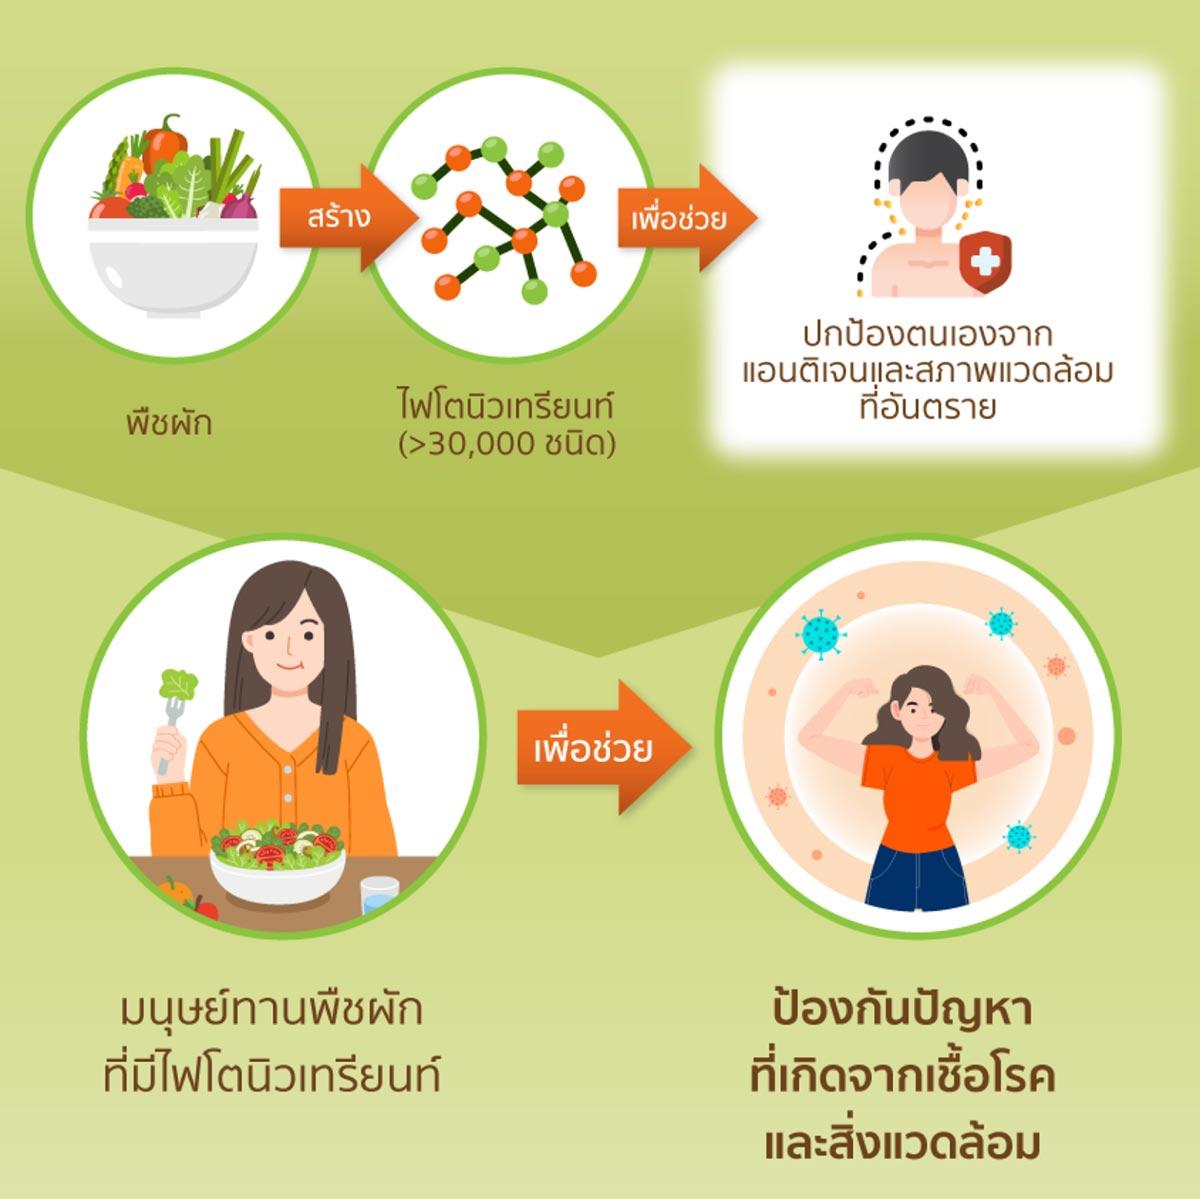 มนุษย์ทานพืชผักที่มีไฟโตนิวเทรียนท์ เพื่อช่วยป้องกันปัญหาที่เกิดจากเชื้อโรคและสิ่งแวดล้อม